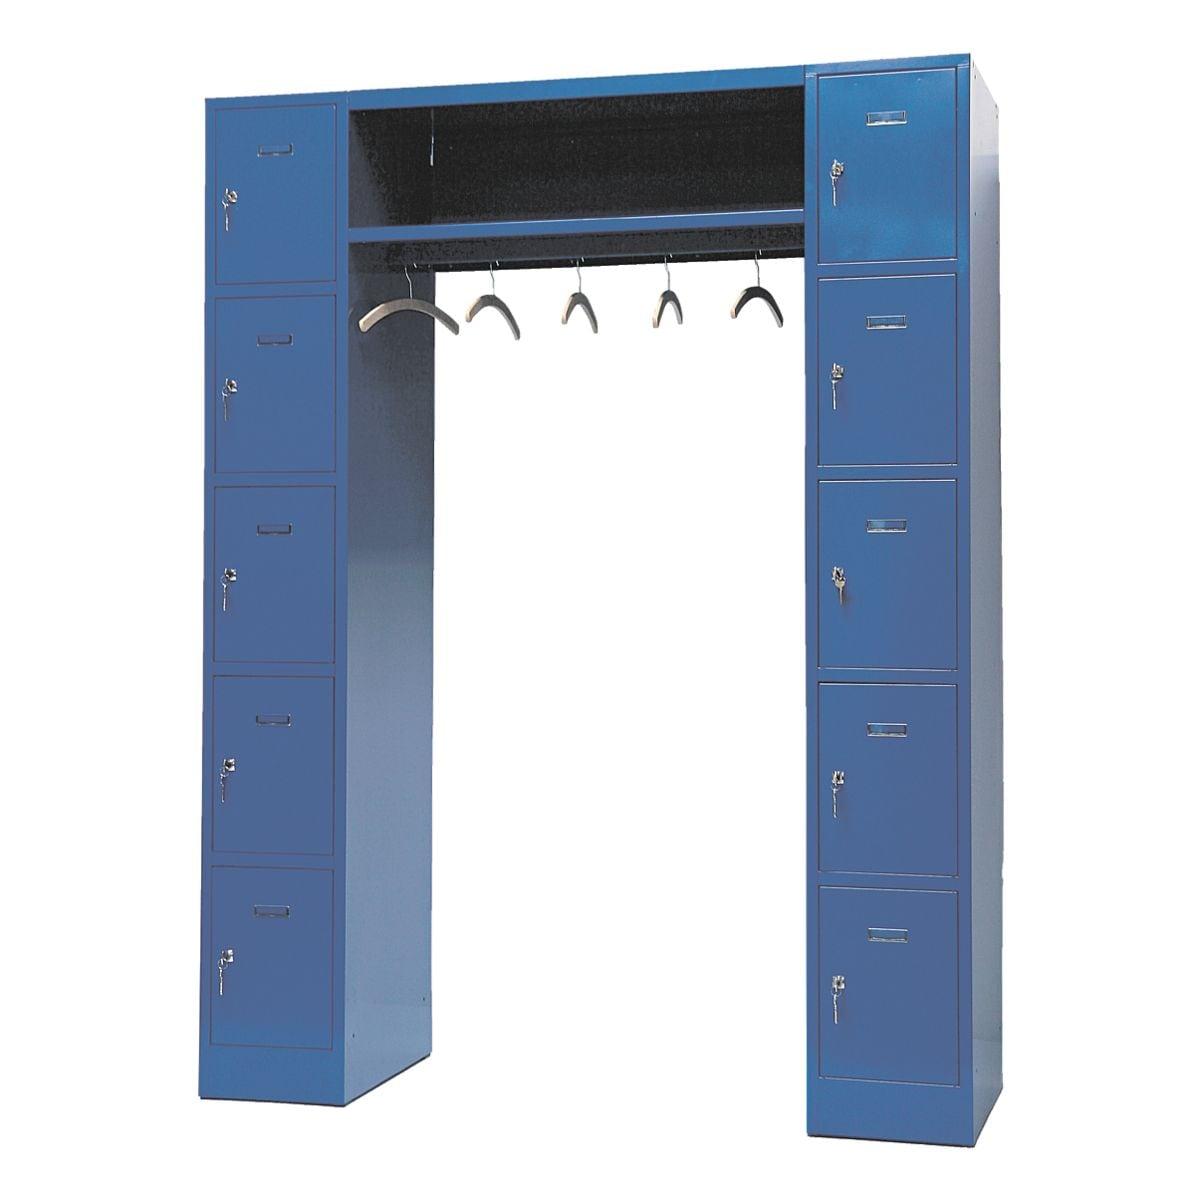 offener garderobenschrank 2x5 stahl auf sockel 160 x 195 cm bei otto office g nstig kaufen. Black Bedroom Furniture Sets. Home Design Ideas